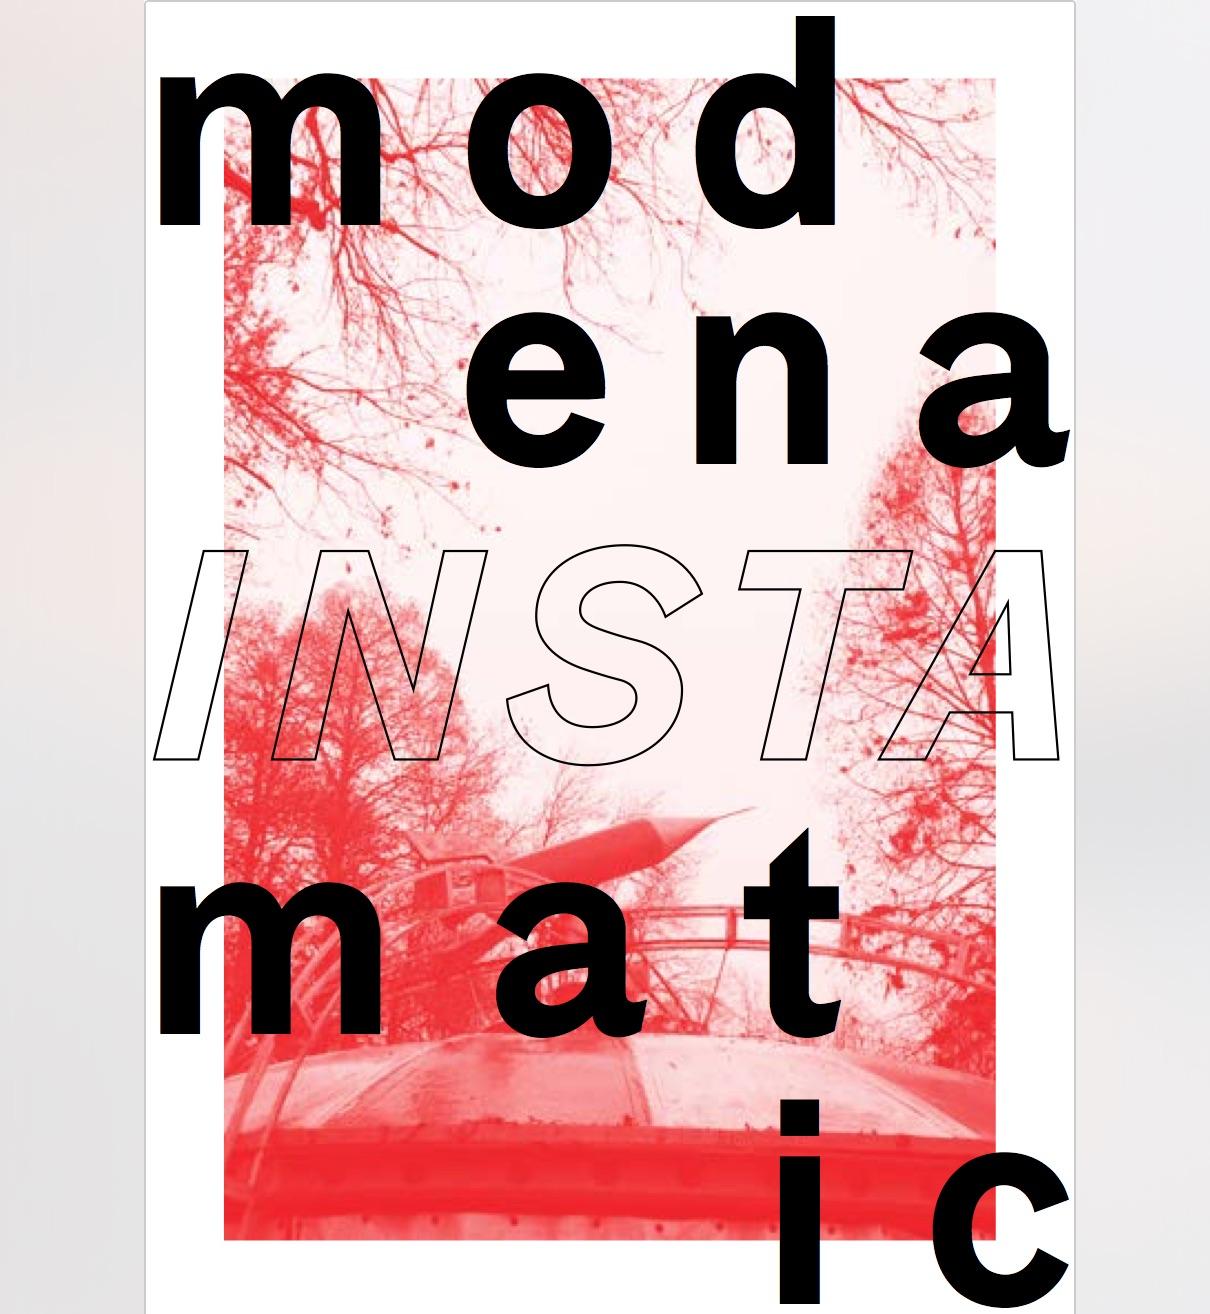 modenamatic